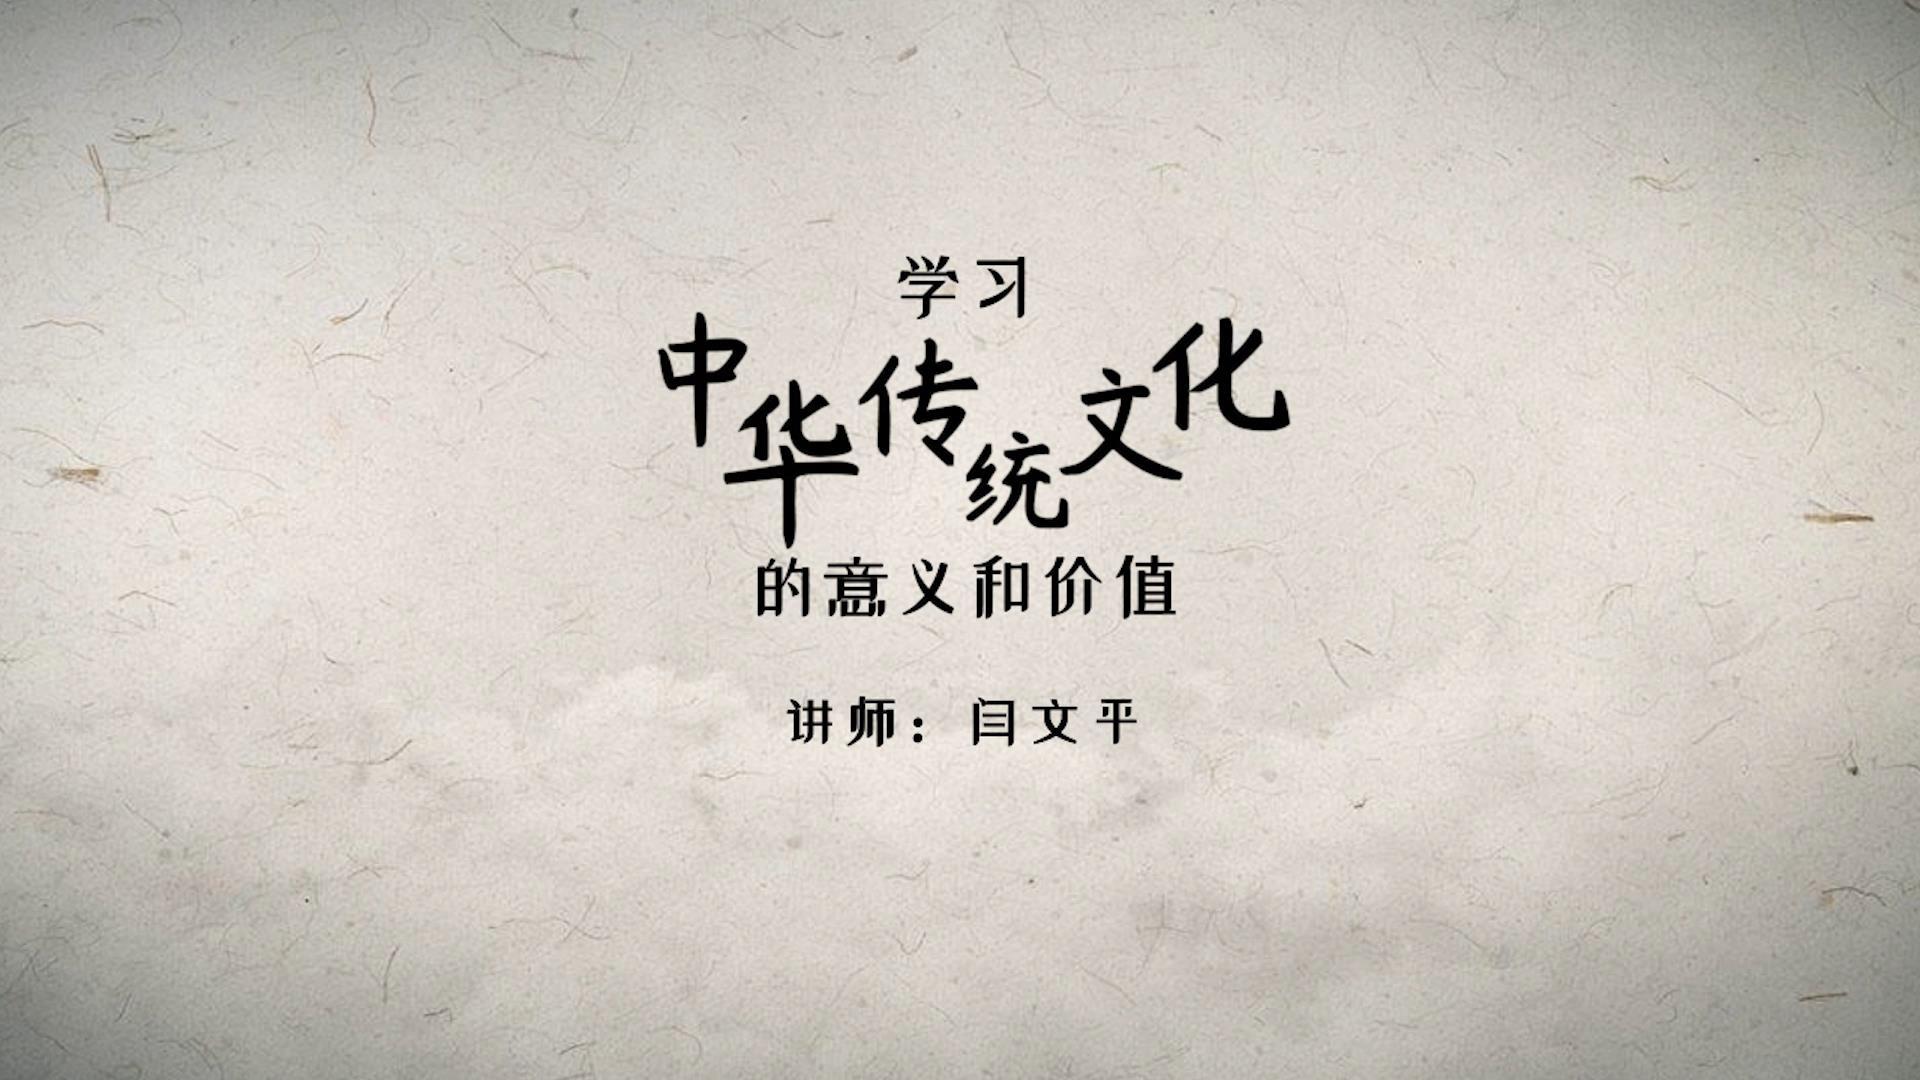 《学习中华传统文化的意义和价值》